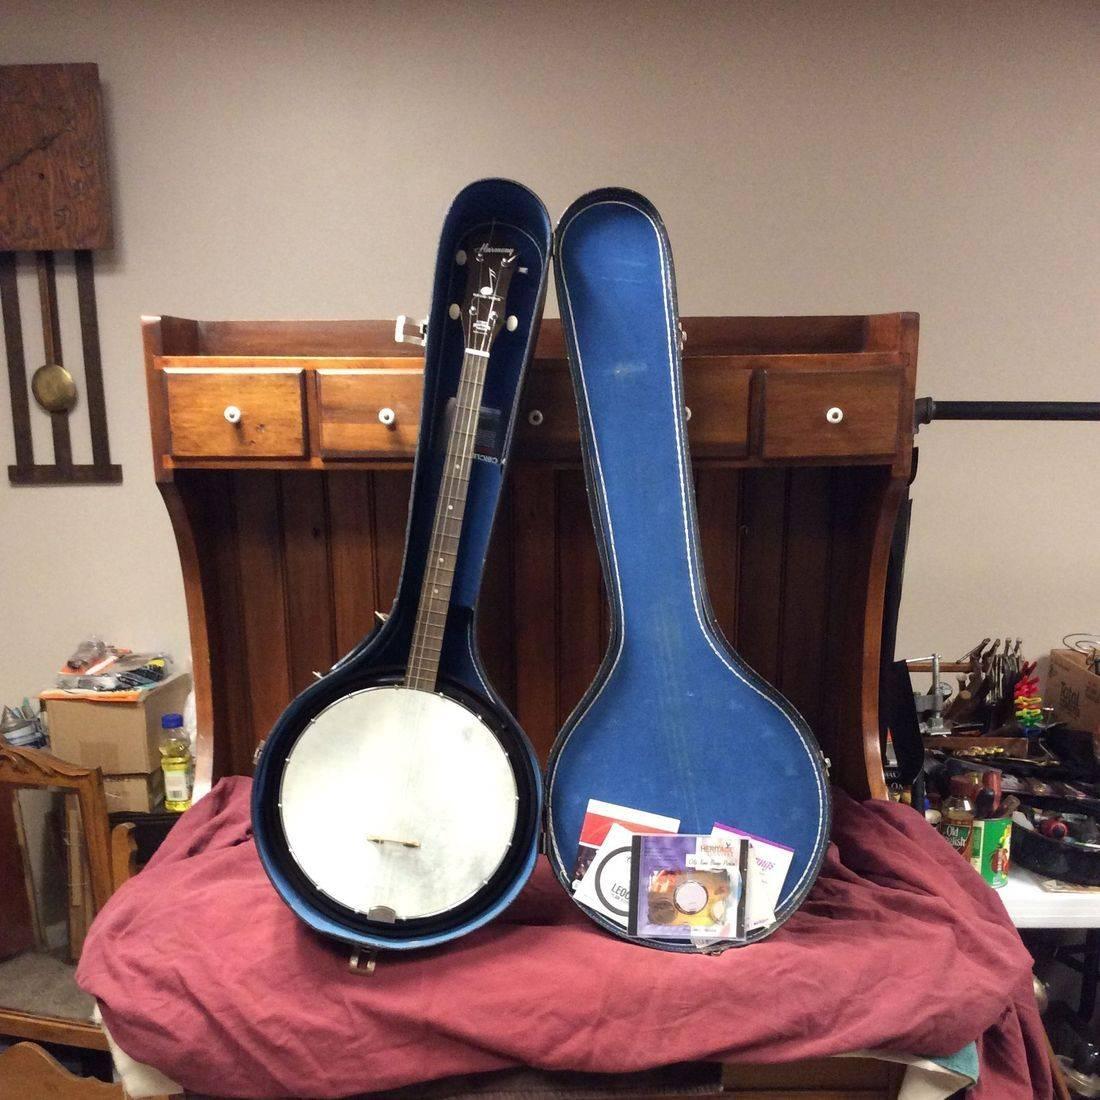 """1950's Harmony Reso-Tone 4-String Tenor Banjo w/ 13"""" Bakelite Resonator, Case & Extra Strings  33"""" Lngth., 12"""" Dia. Pot   $150.00"""